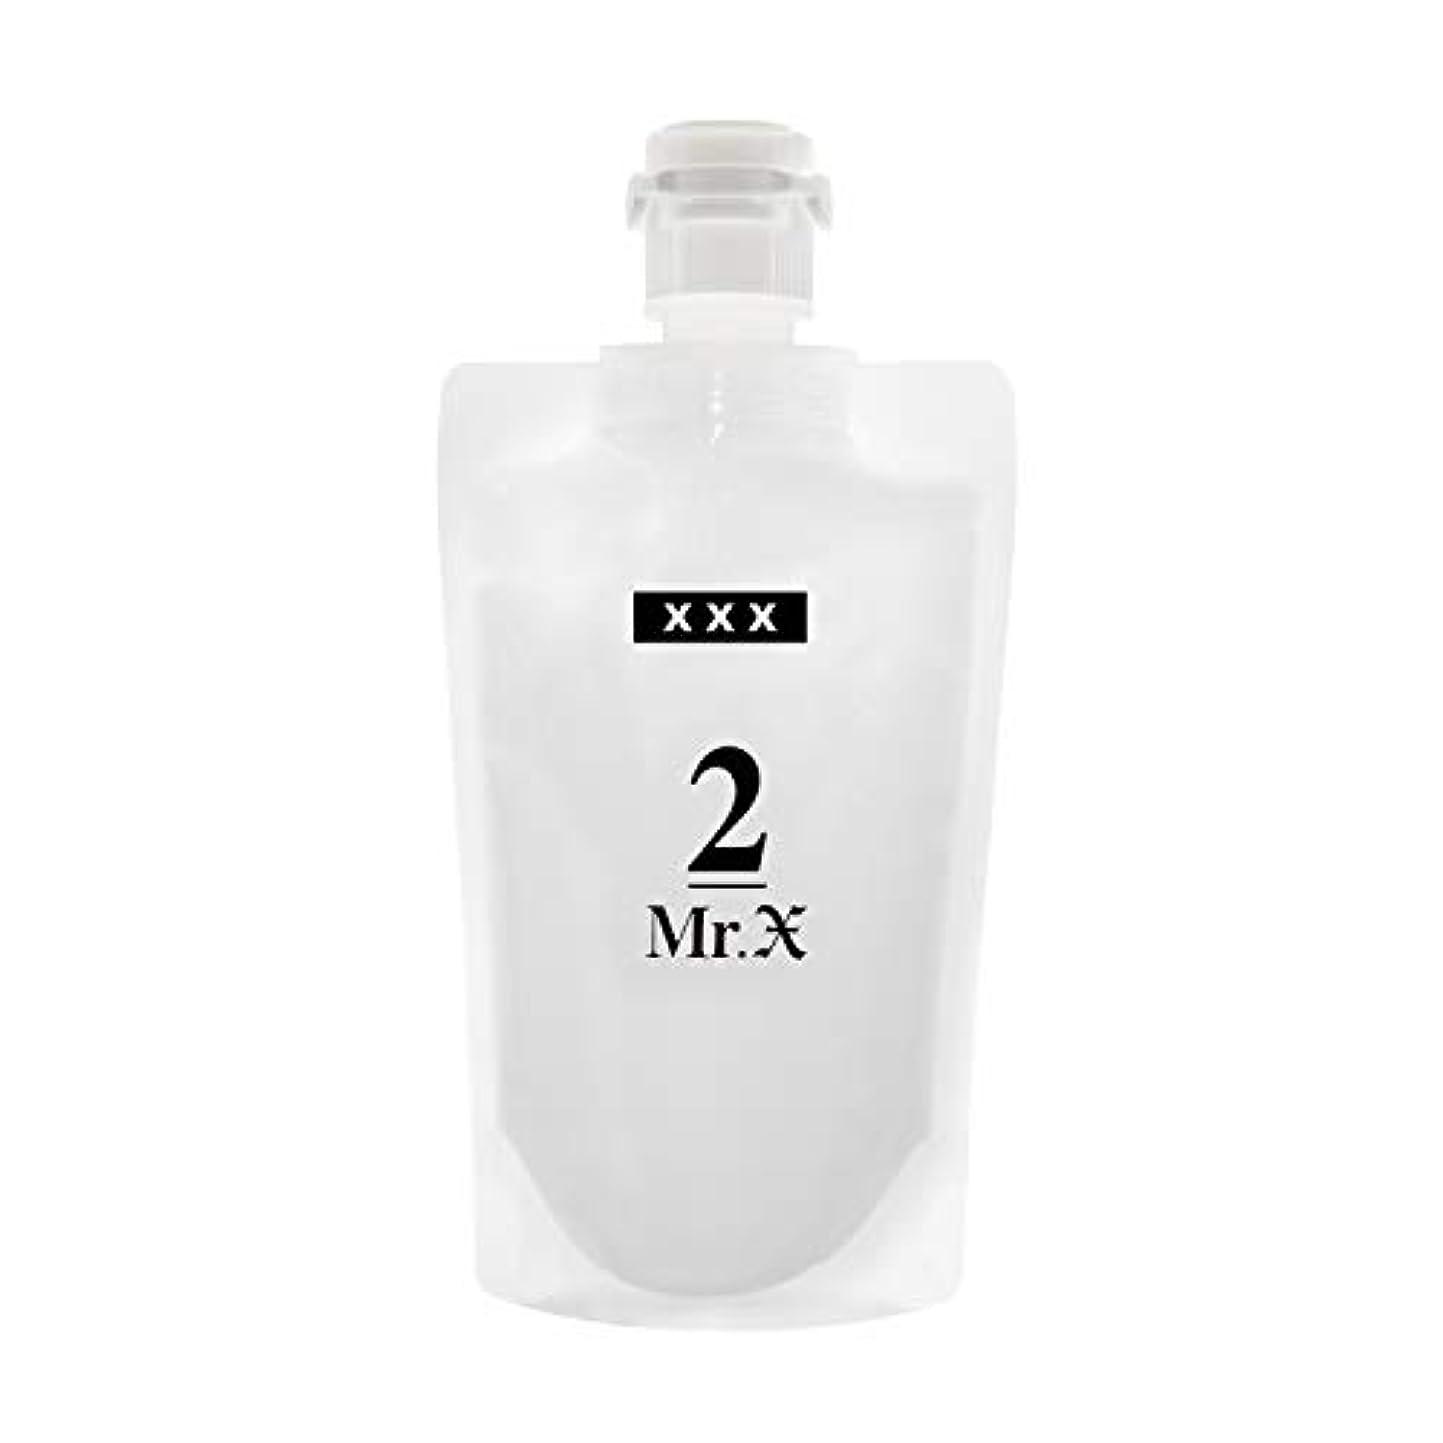 何かショッキングむき出しMr.X 「2」MILKY LOTION ミスターエックス ミルキーローション (乳液) 130g メンズスキンケア